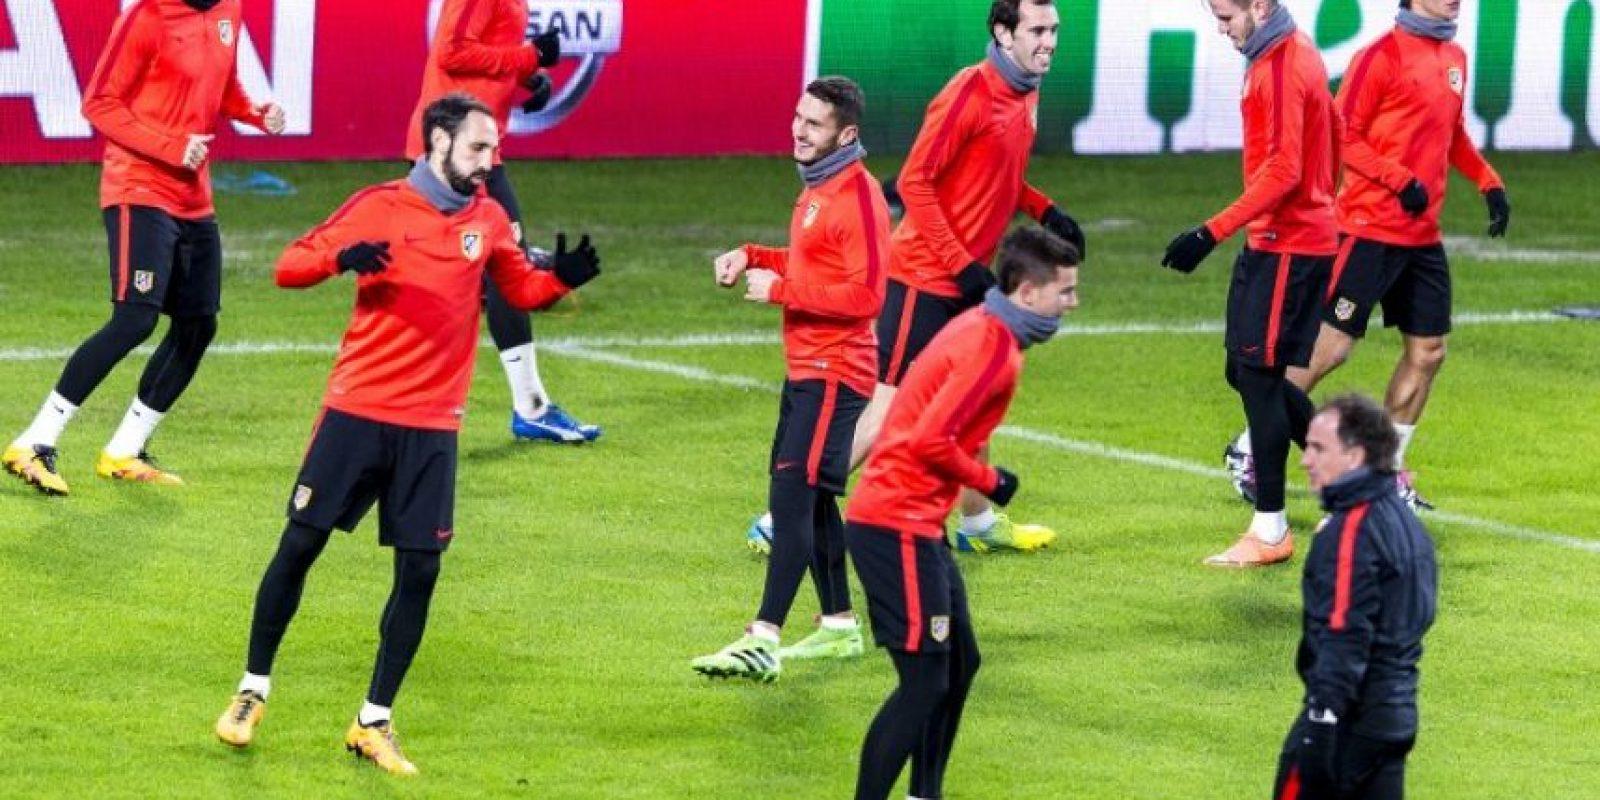 Jugadores del Atlético de Madrid durante un entrenamiento previo a un partido de Champions League frente al PSV Eindhoven. Foto:AFP